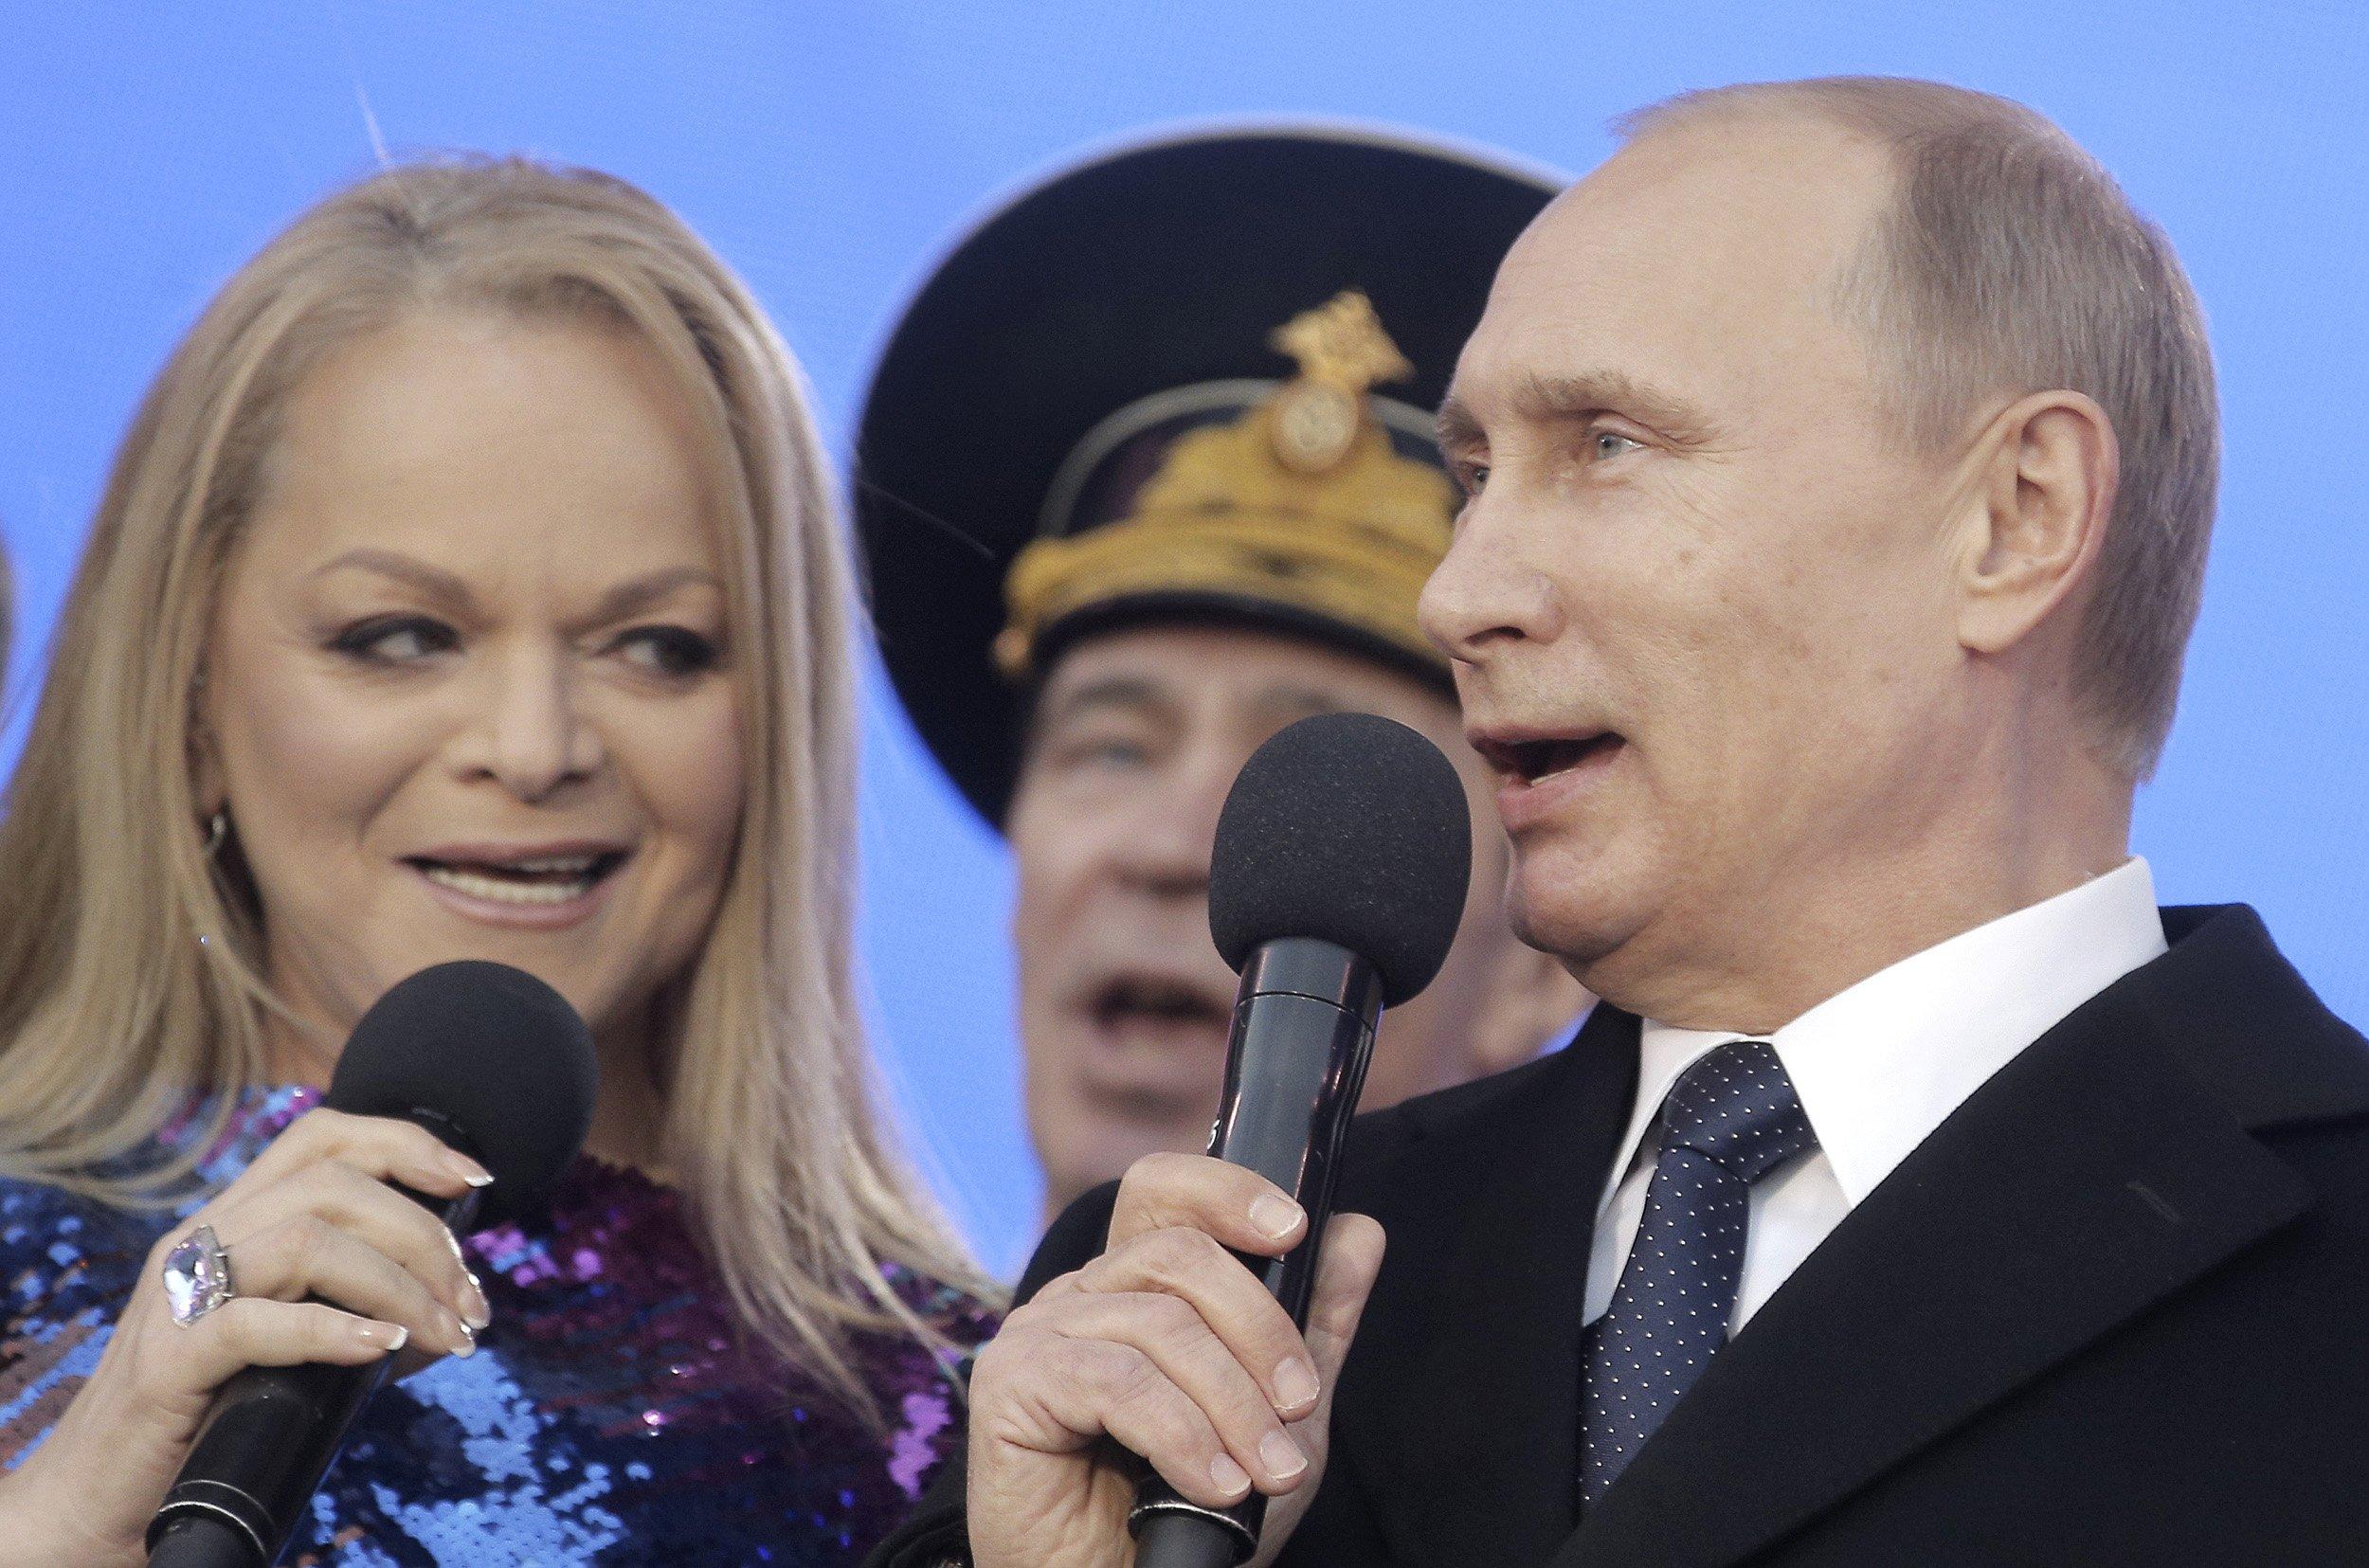 Putin sings national anthem